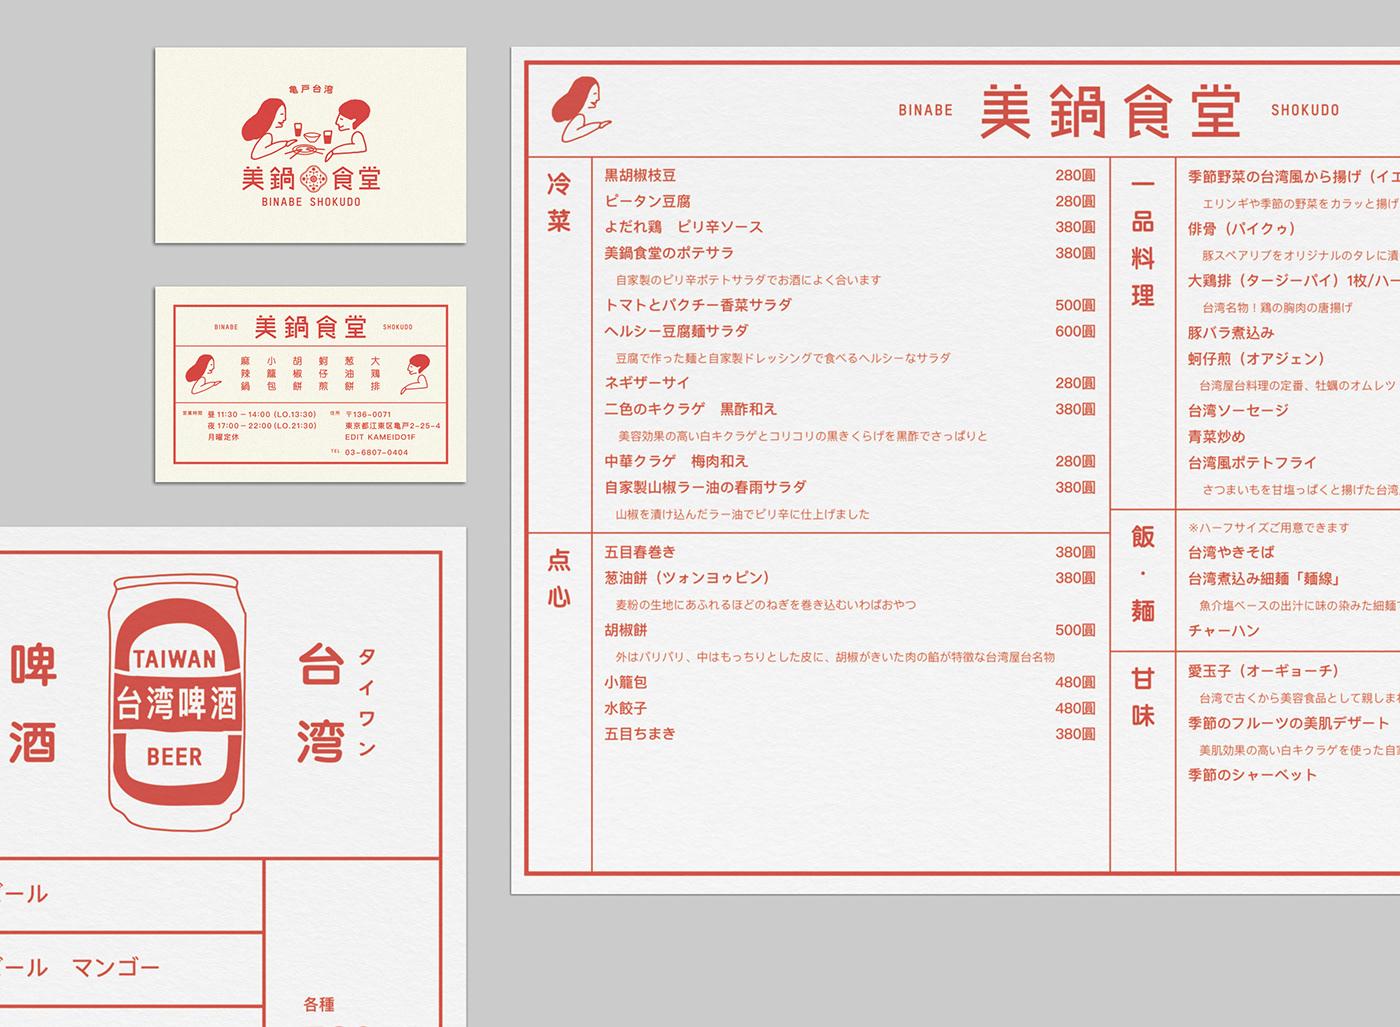 Image may contain: menu, abstract and screenshot